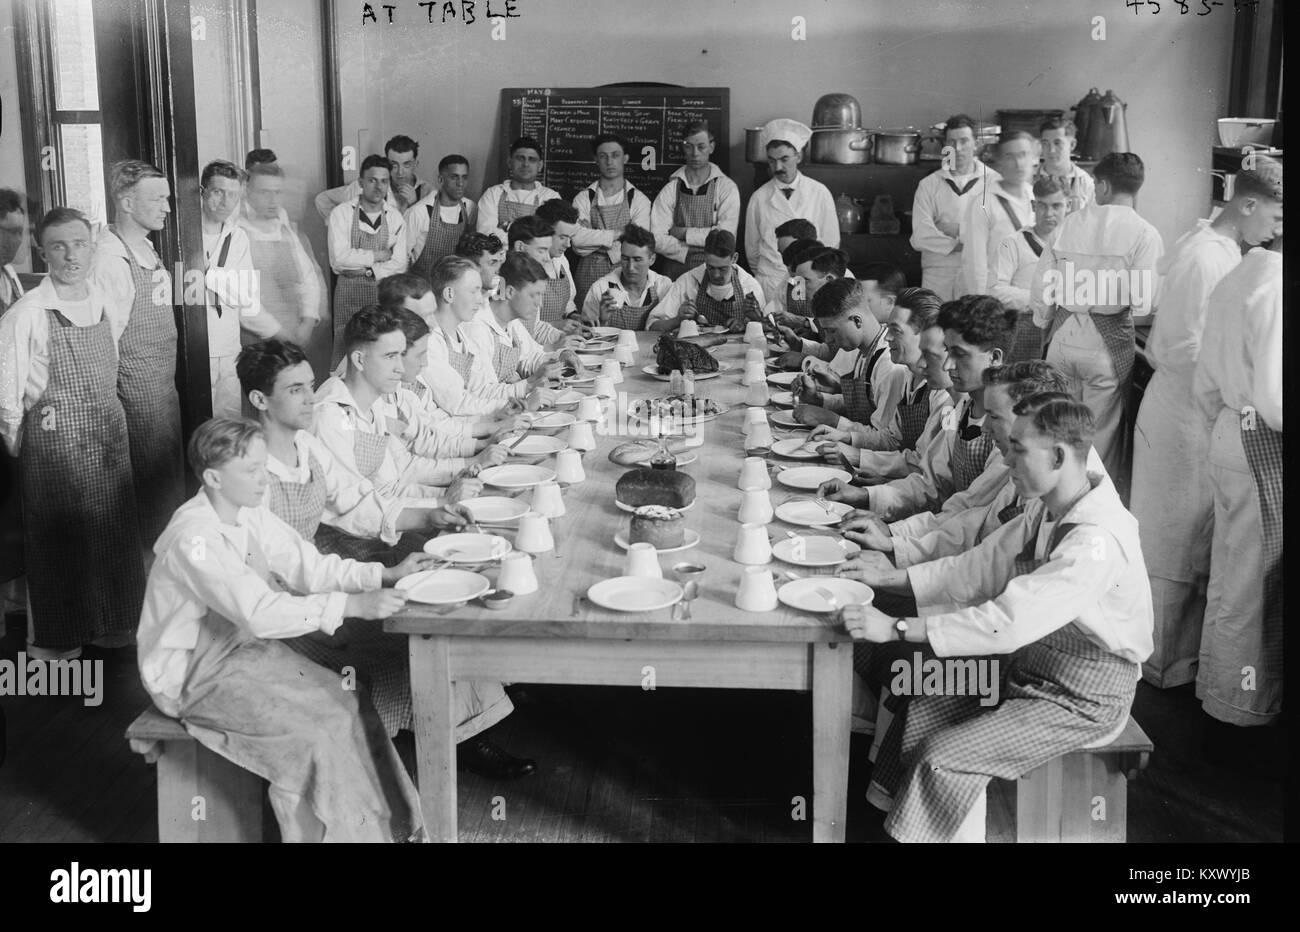 Cadetes en mesa de comedor comer en formación Imagen De Stock